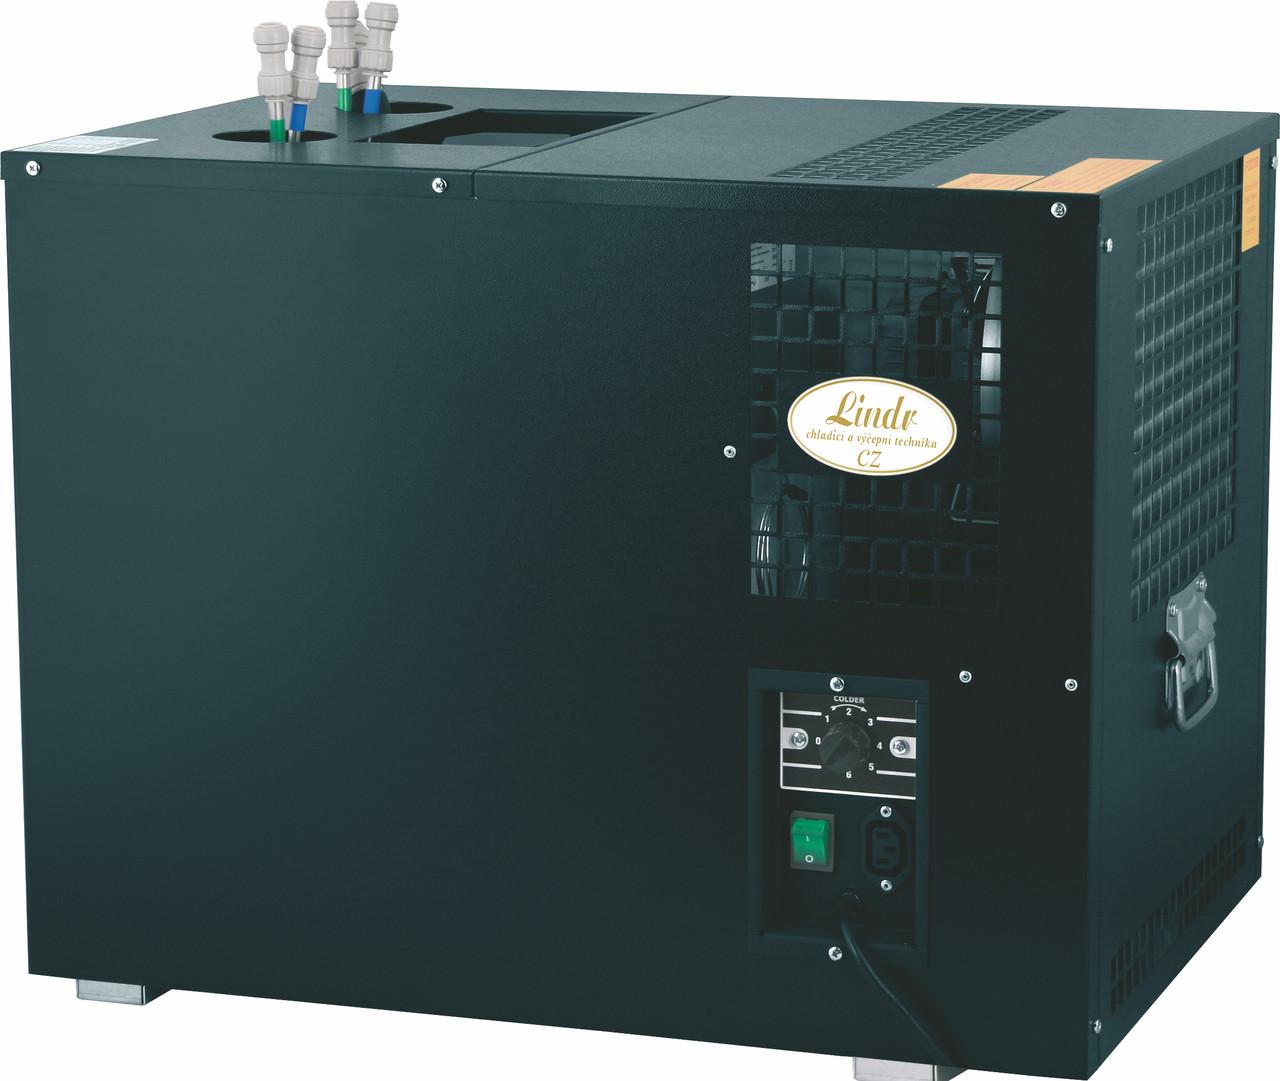 Охладитель пива подстоечный проточный AS 110 (110 л/час) 6 контуров Lindr Чехия